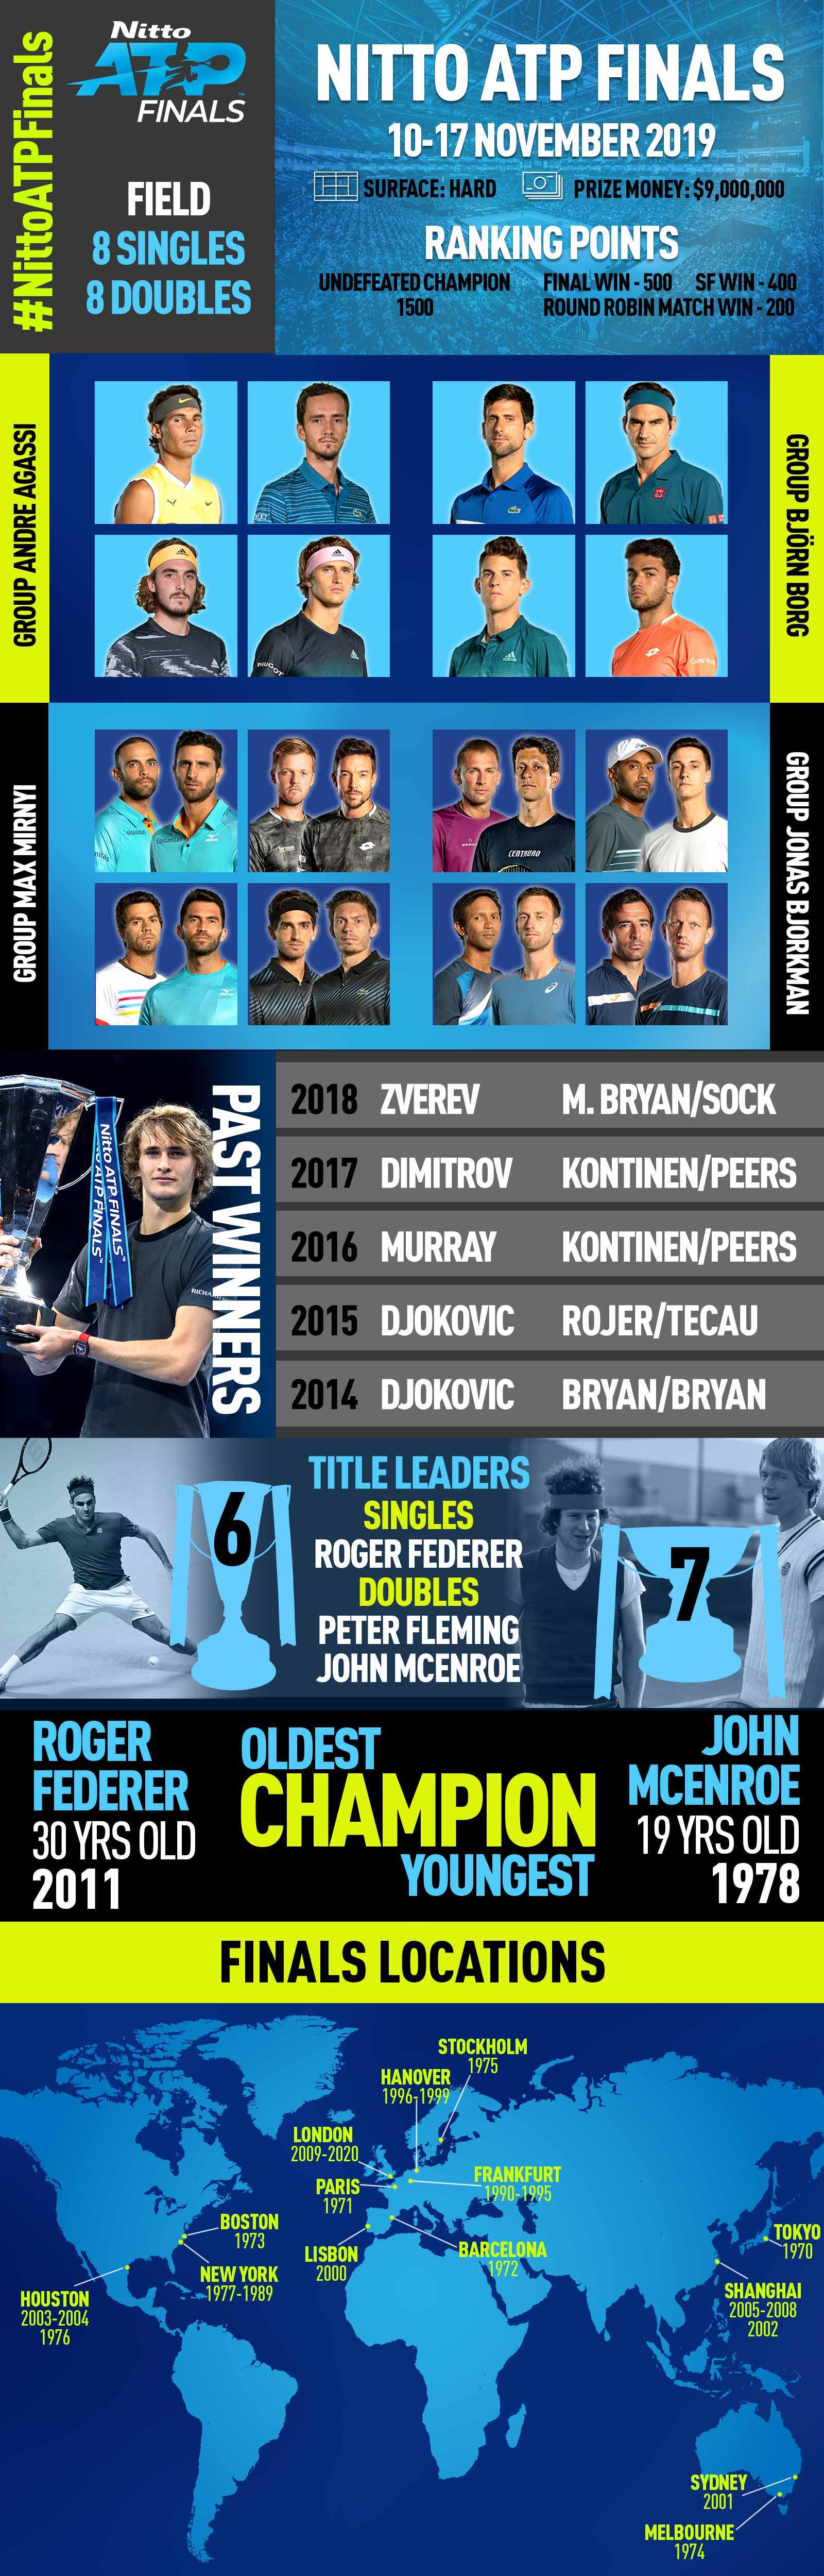 2019 Nitto ATP Finals | Nadal, Djokovic, Federer, Medvedev, Thiem, Tsitsipas, Zverev, Berrettini